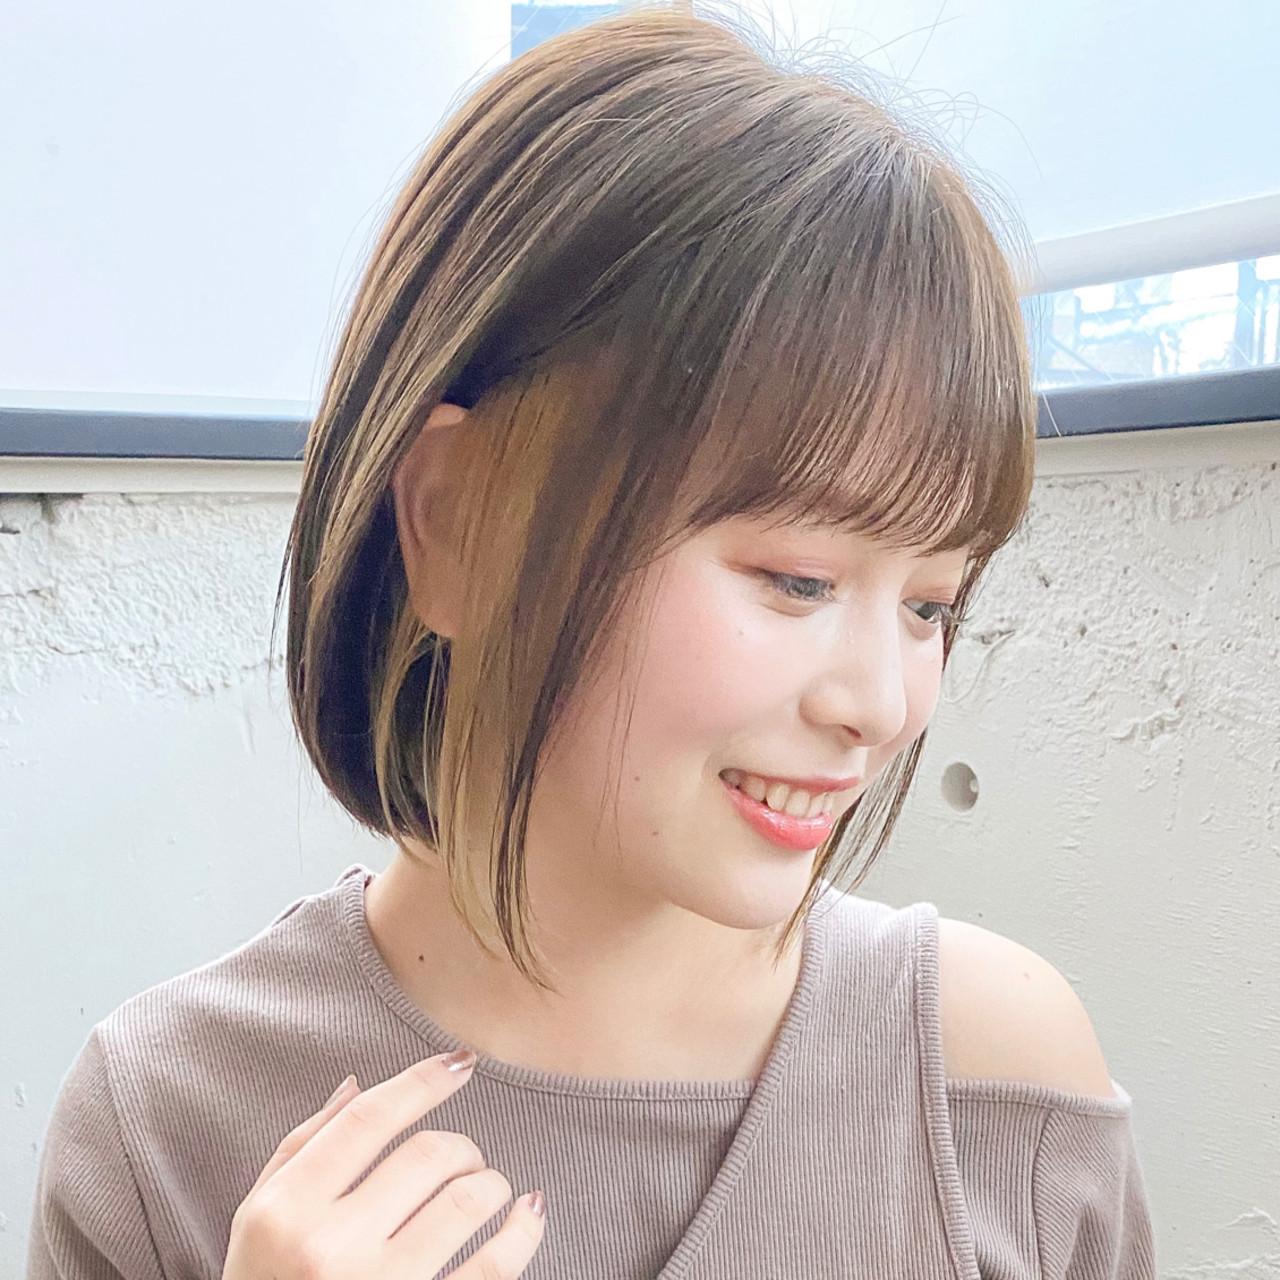 ひし形シルエット アンニュイほつれヘア ボブ ショートヘア ヘアスタイルや髪型の写真・画像